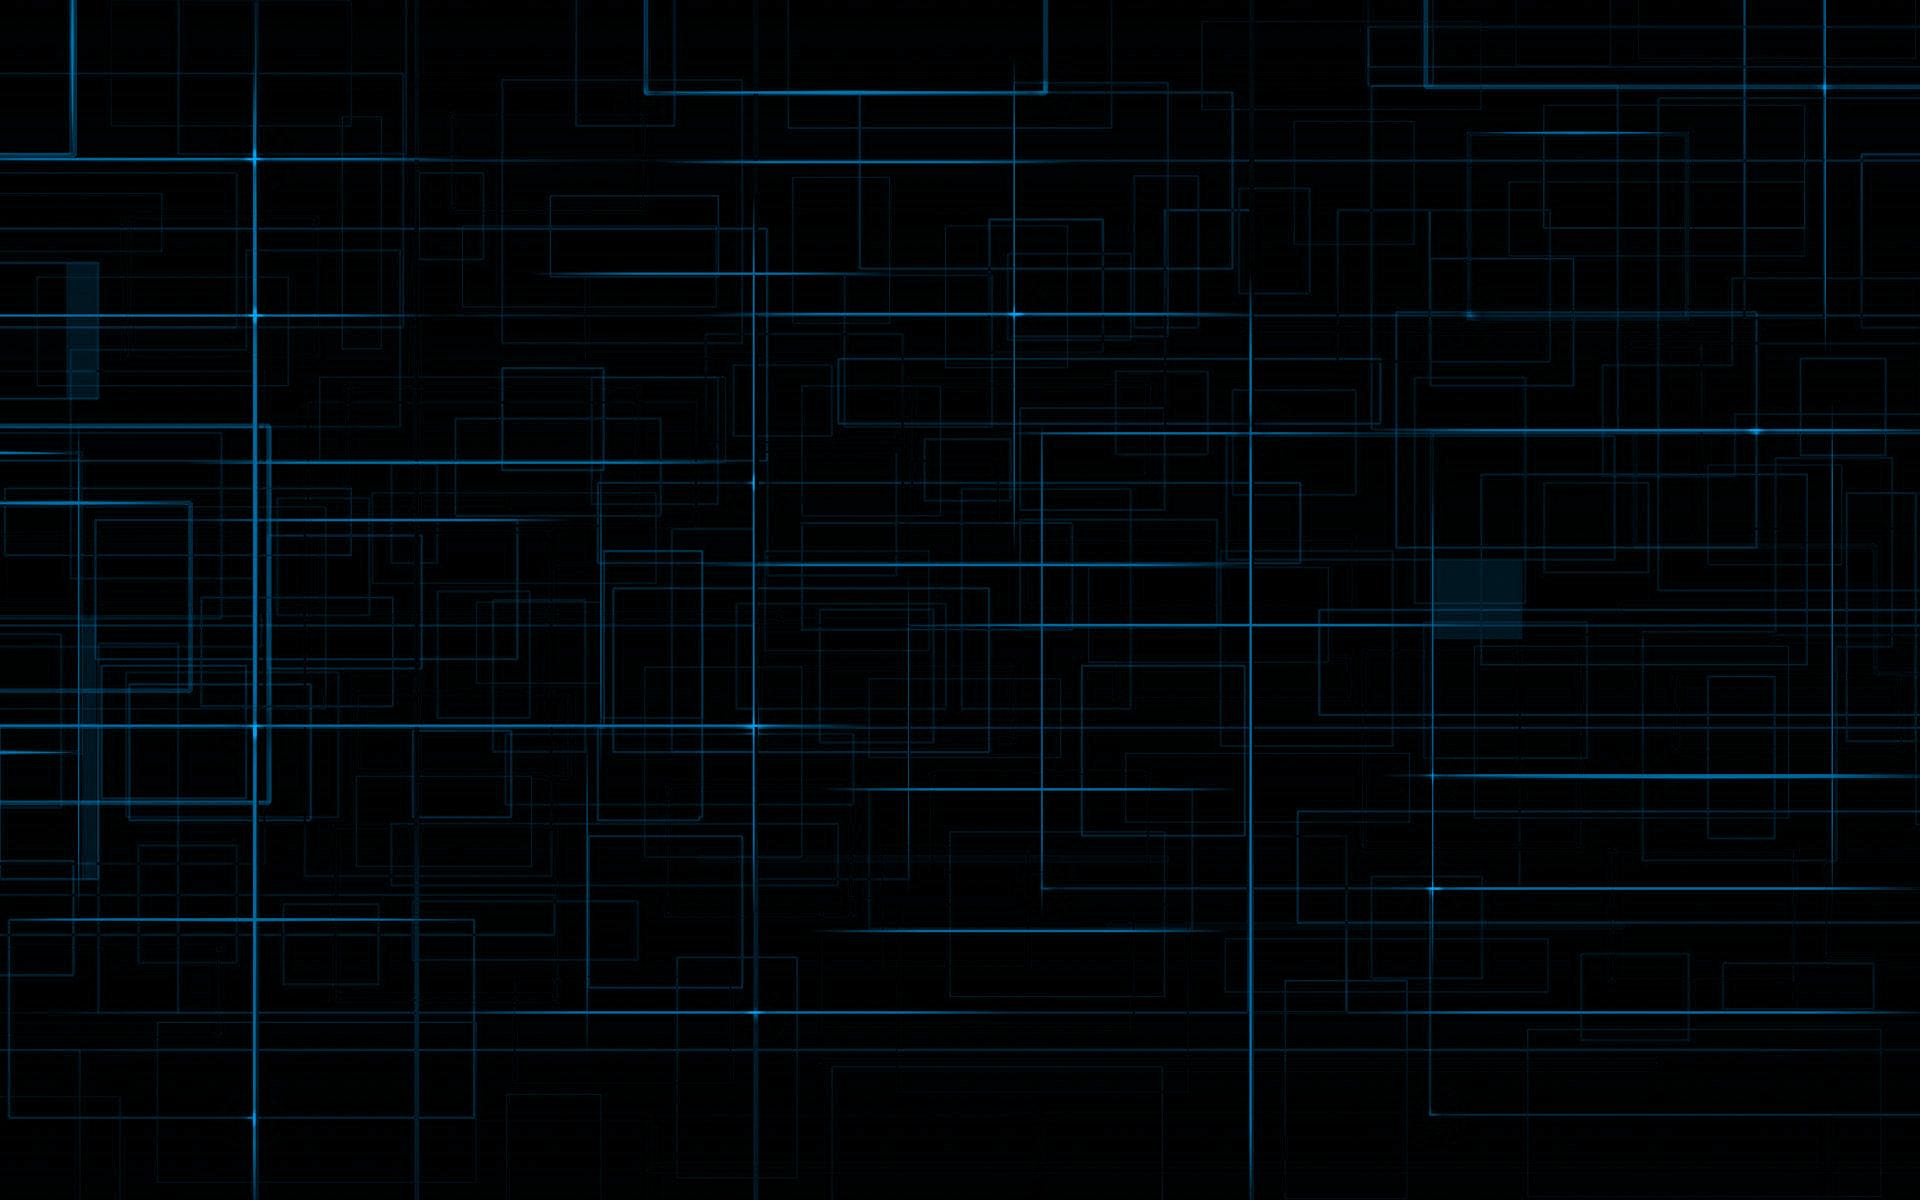 текстура, линии, синие